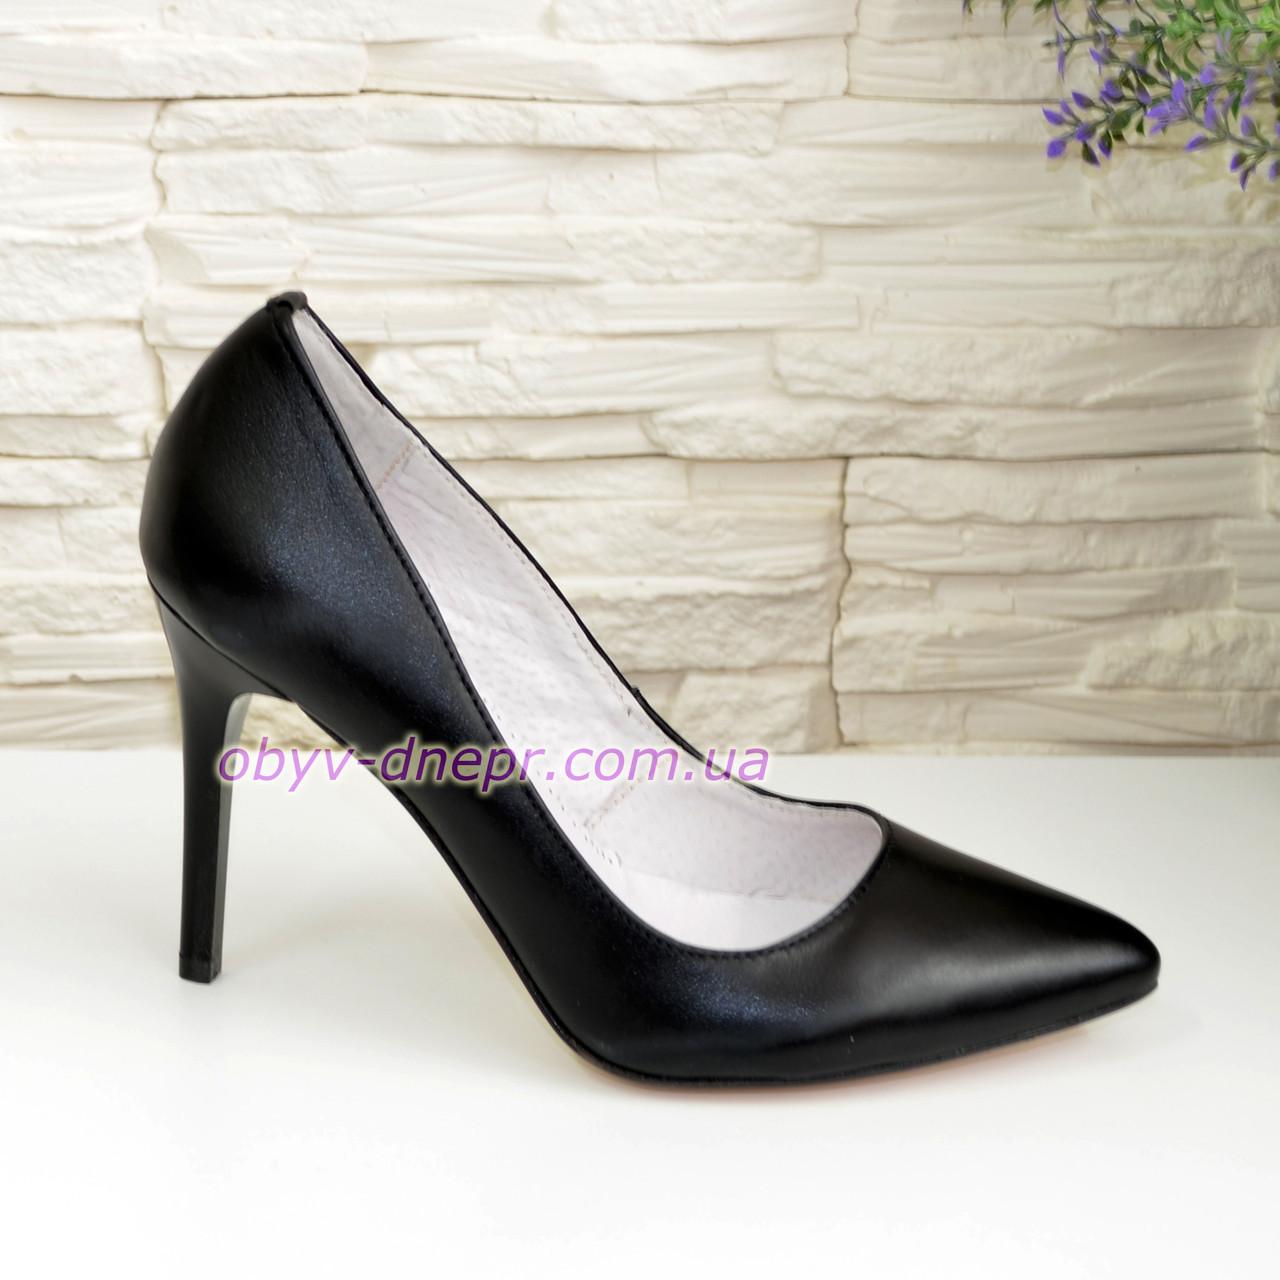 Туфли женские на высоком каблуке, черная кожа